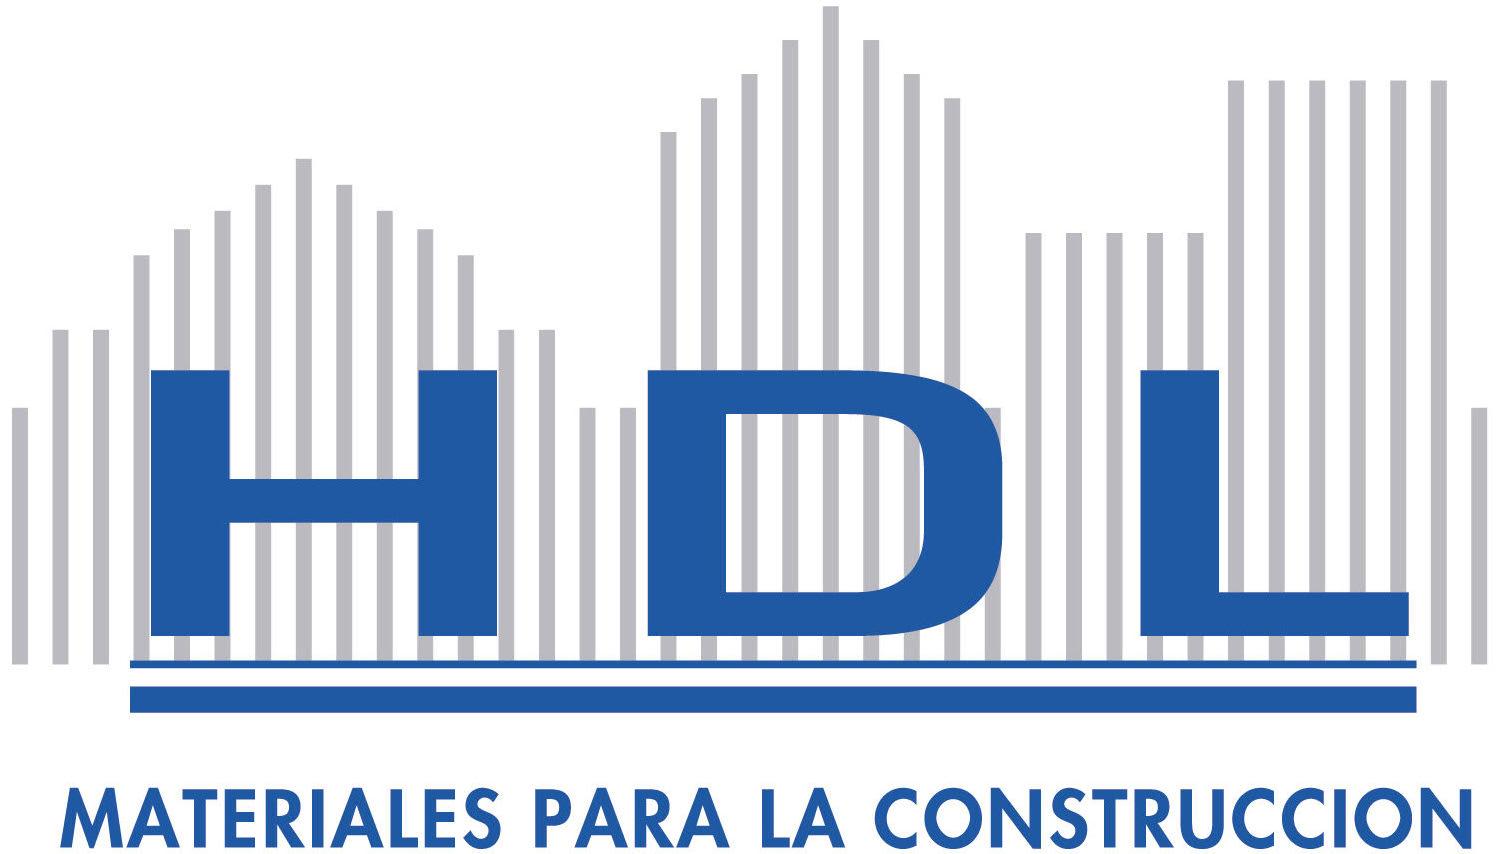 Hdl distribuidora materiales para la construcci n - Materiales de construccion las palmas ...